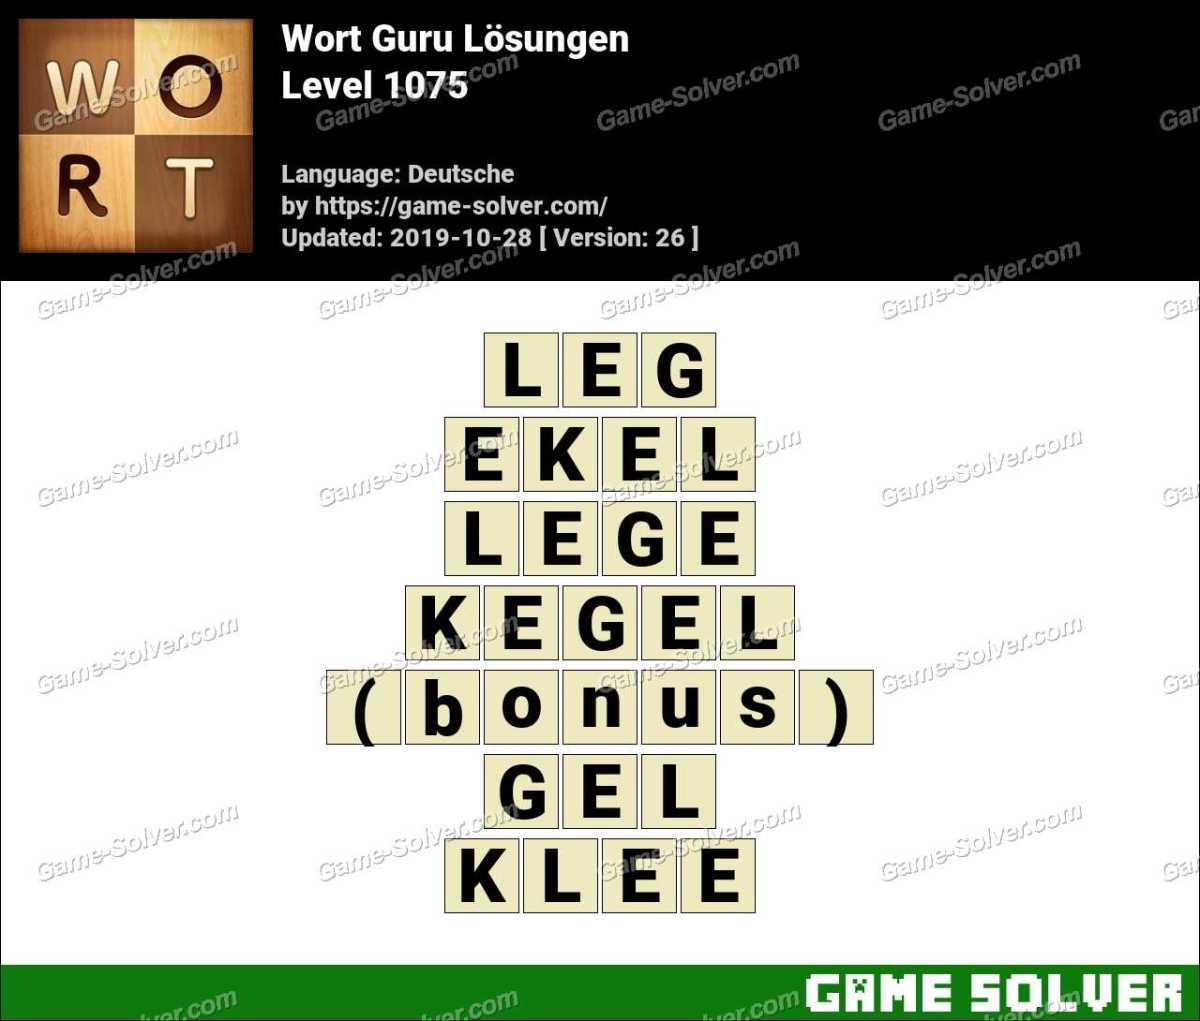 Wort Guru Level 1075 Lösungen